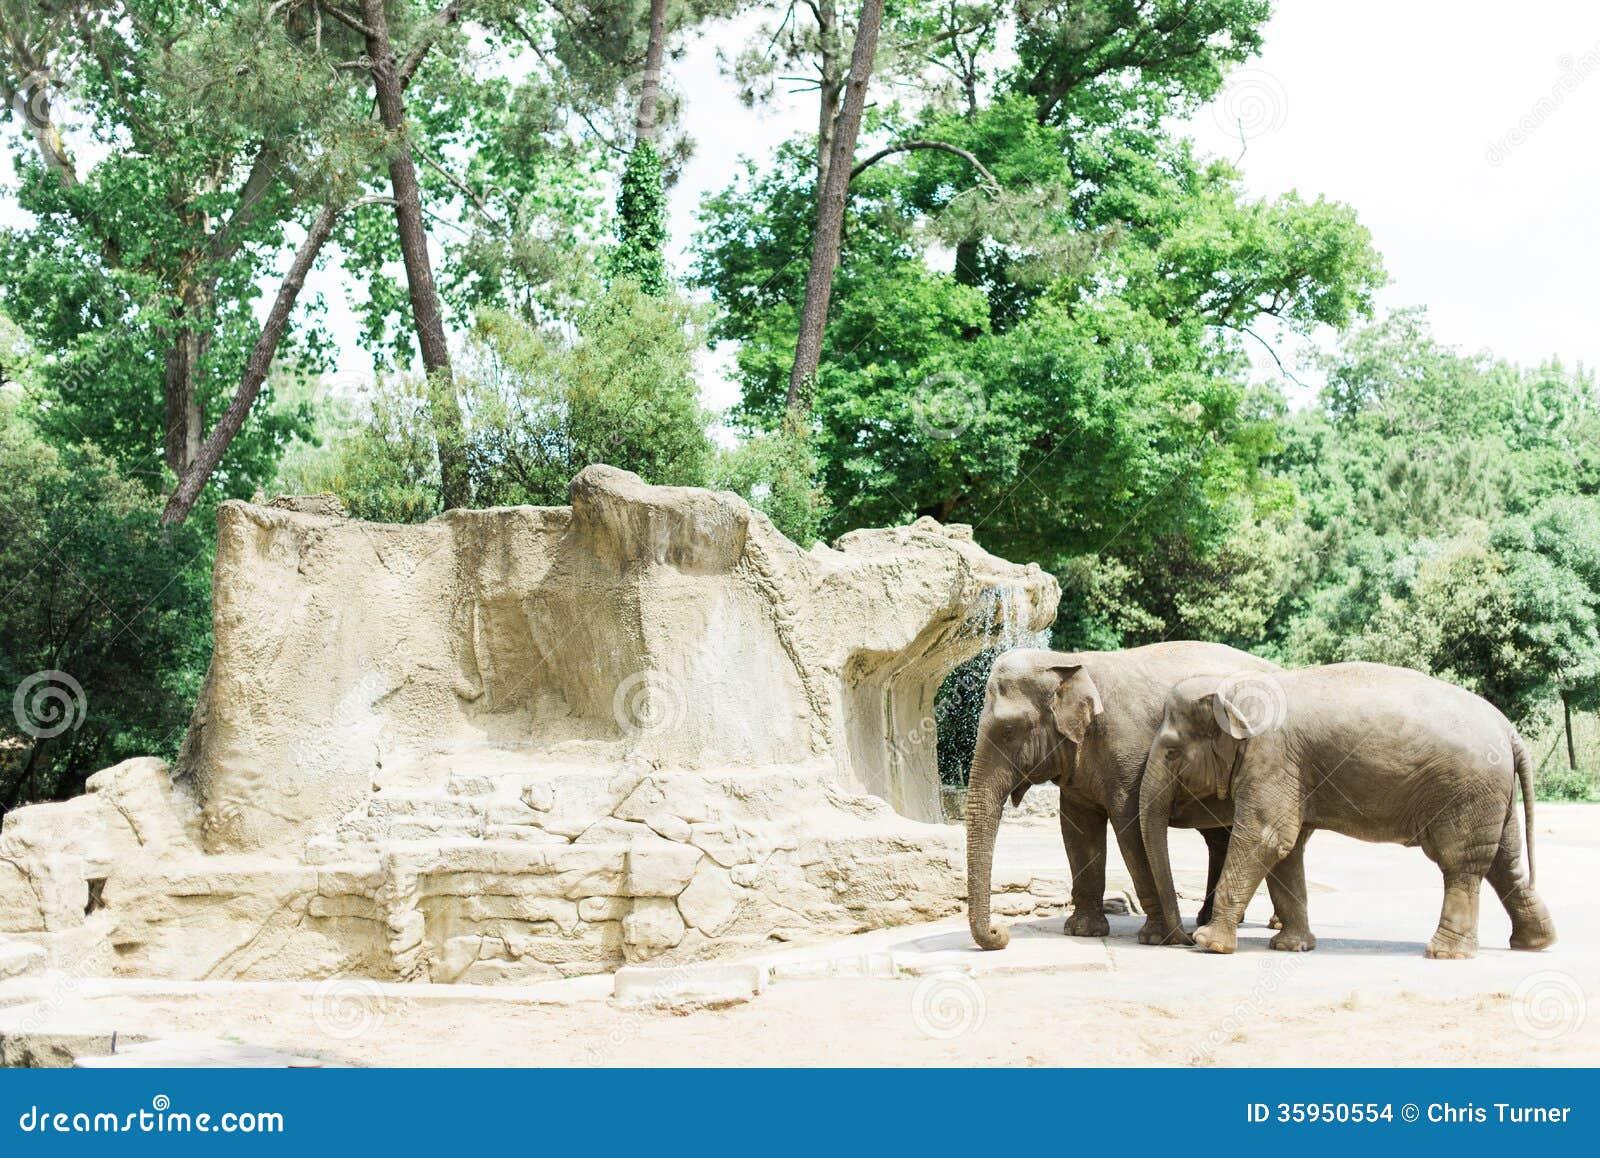 Elefantes en un parque zoológico soleado